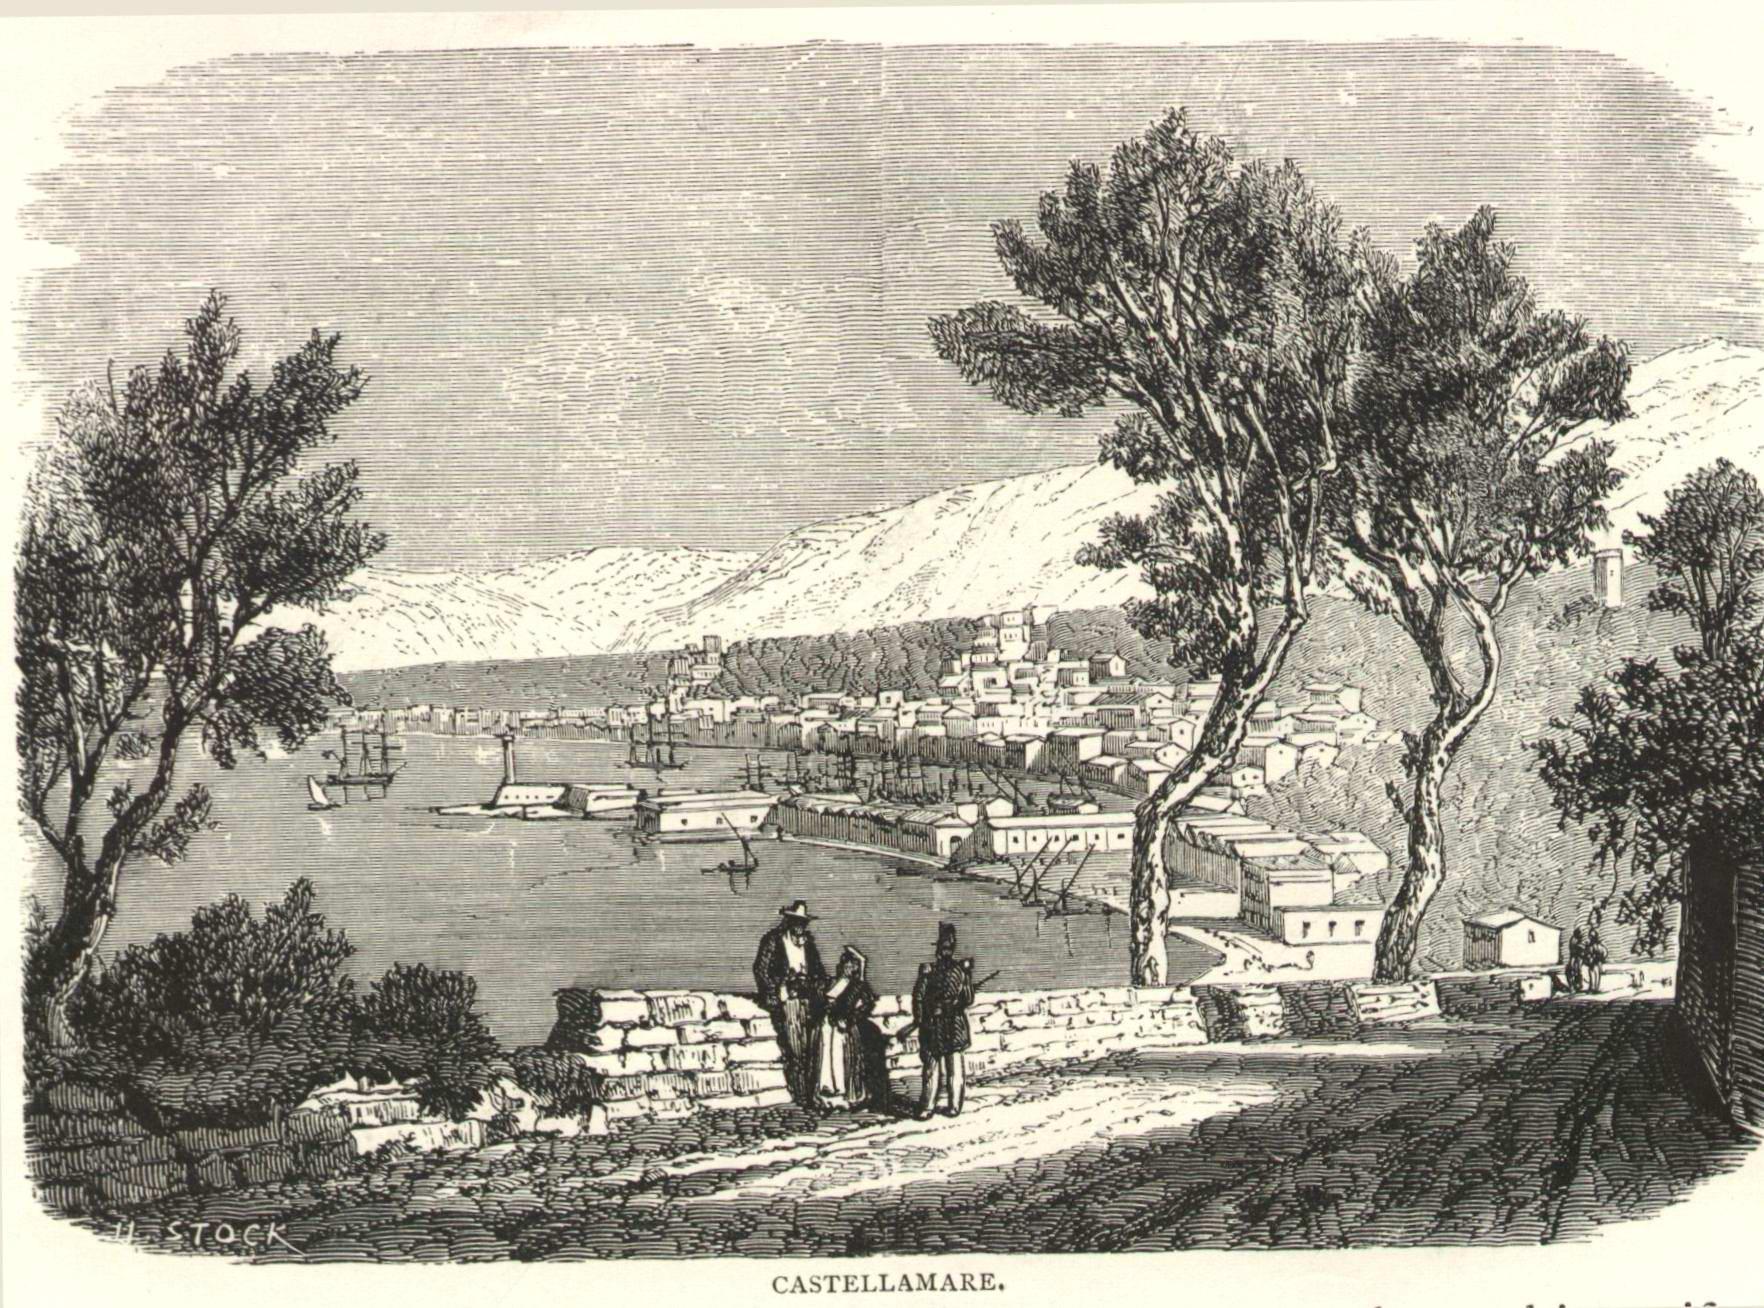 Castellamare nel 1860 (coll. Gaetano Fontana)